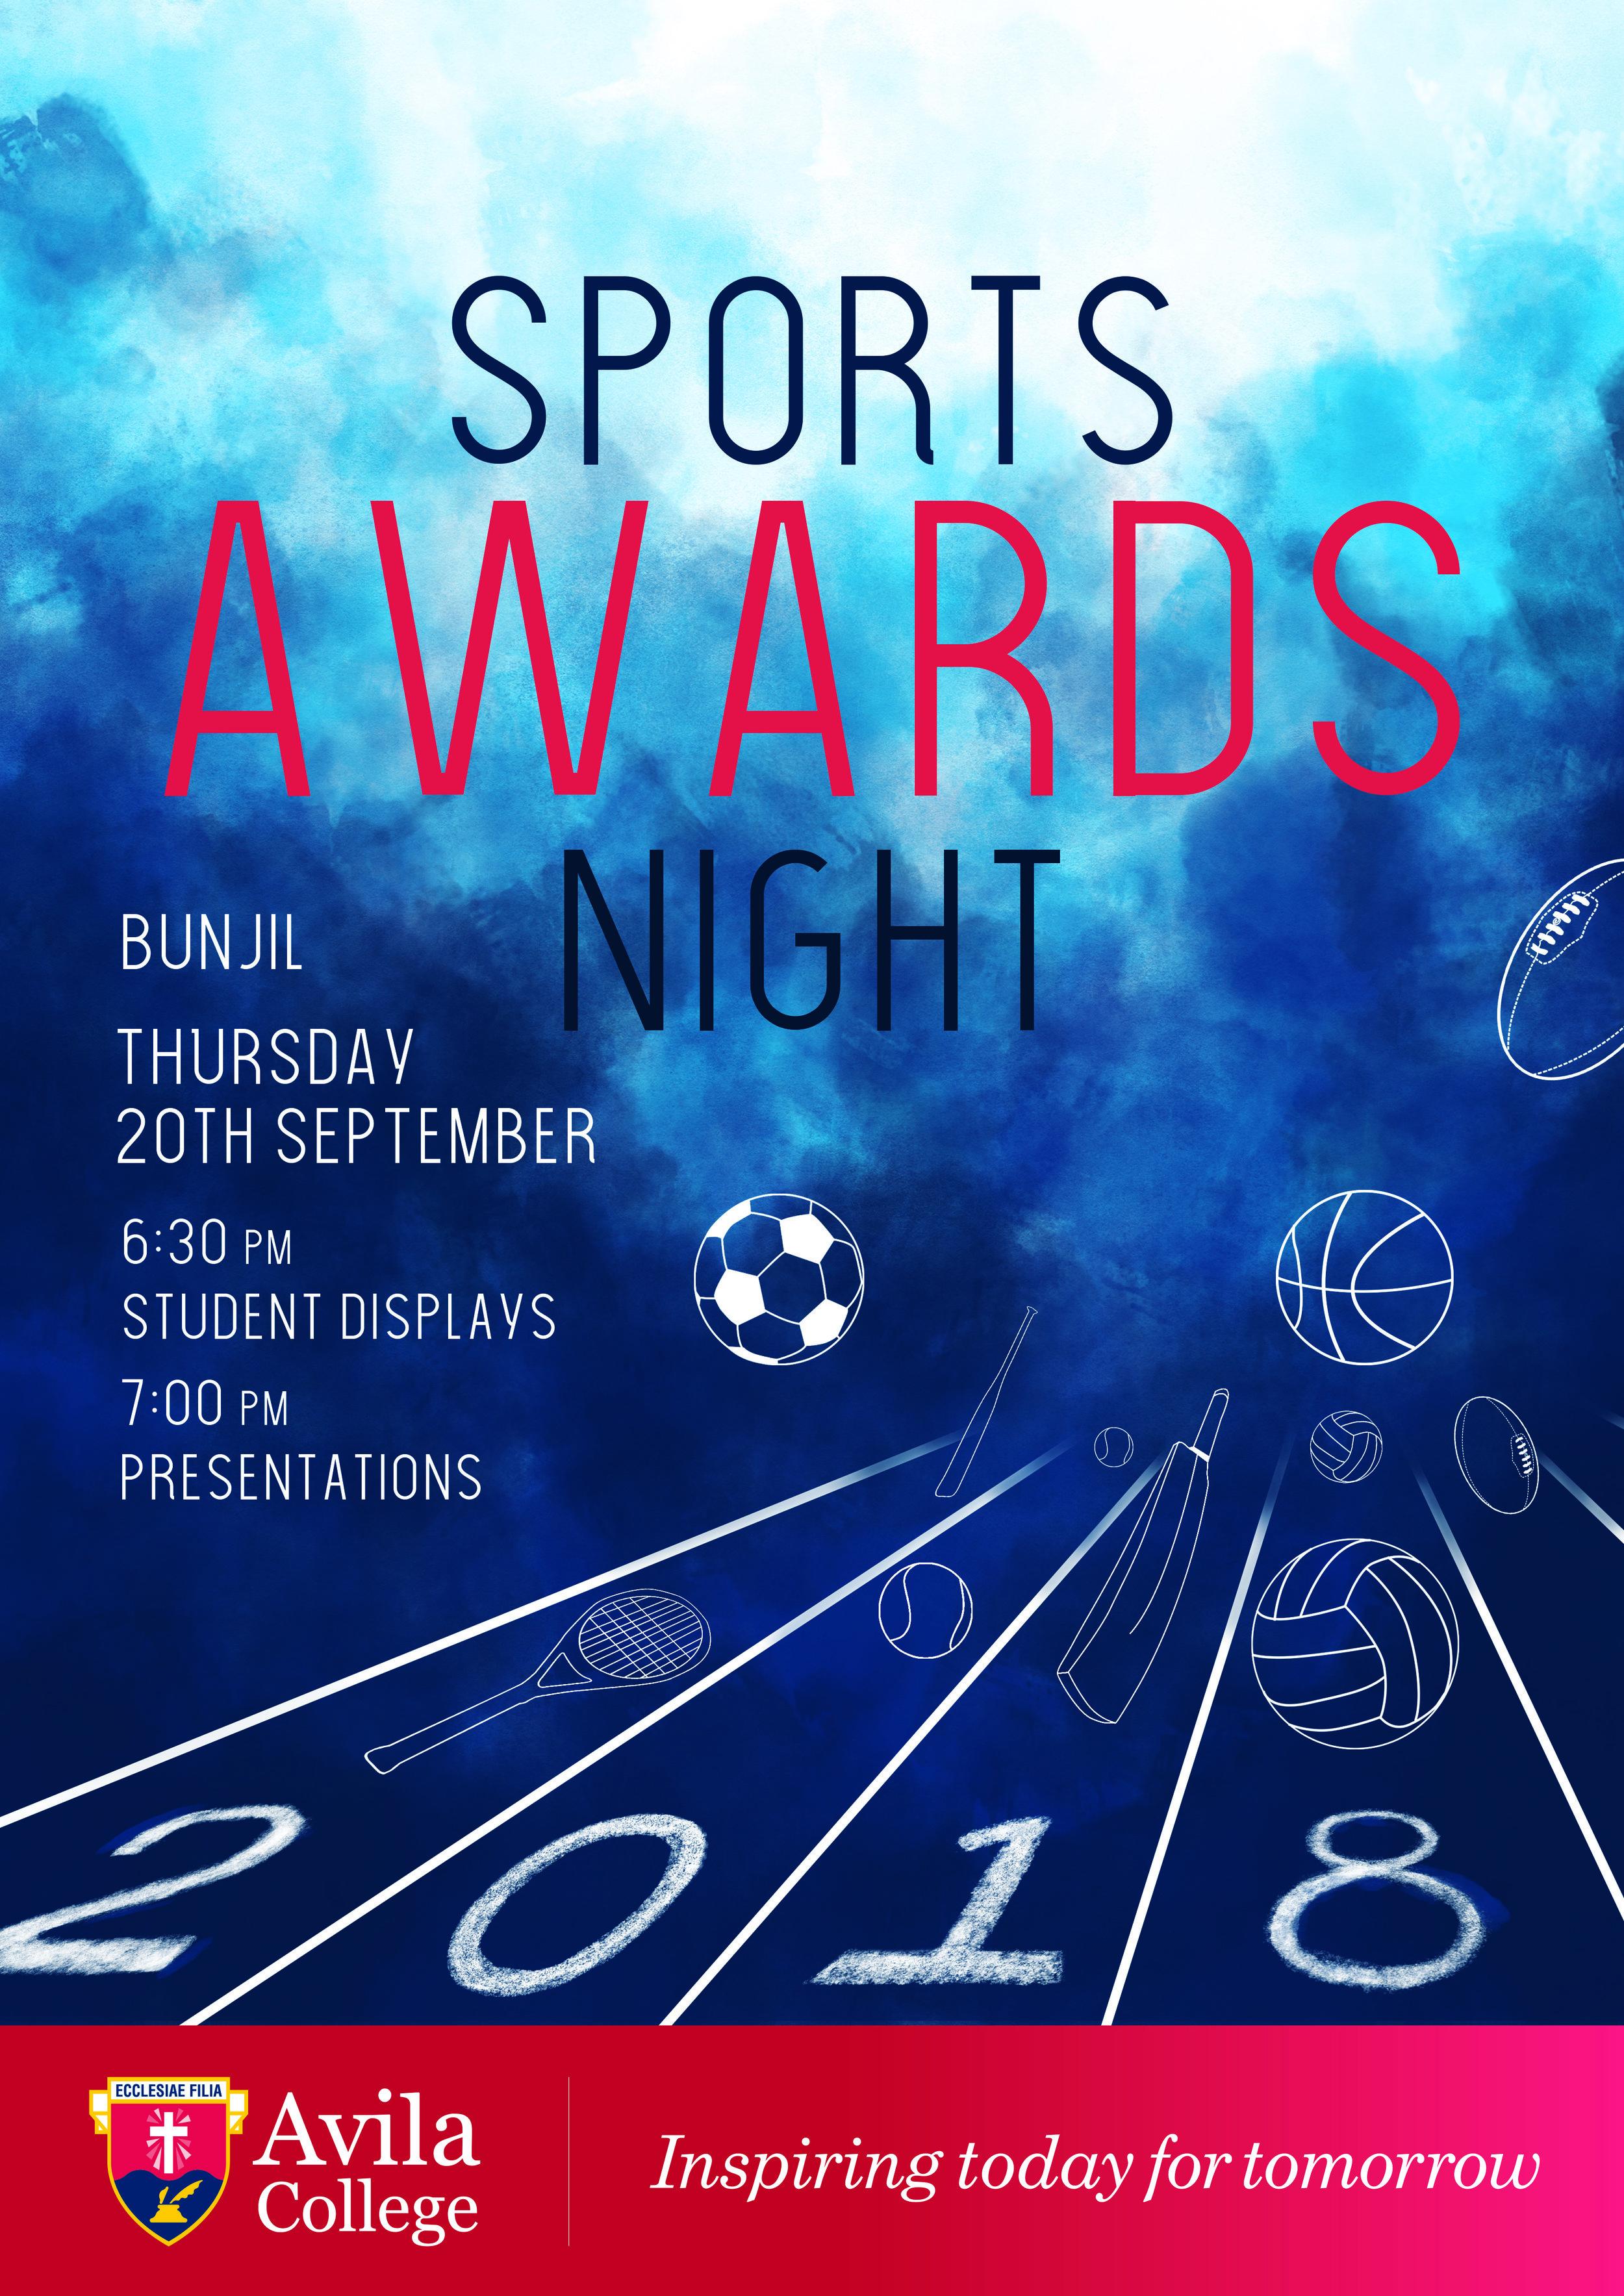 Sports Awards Poster_Chloe Luk.jpg